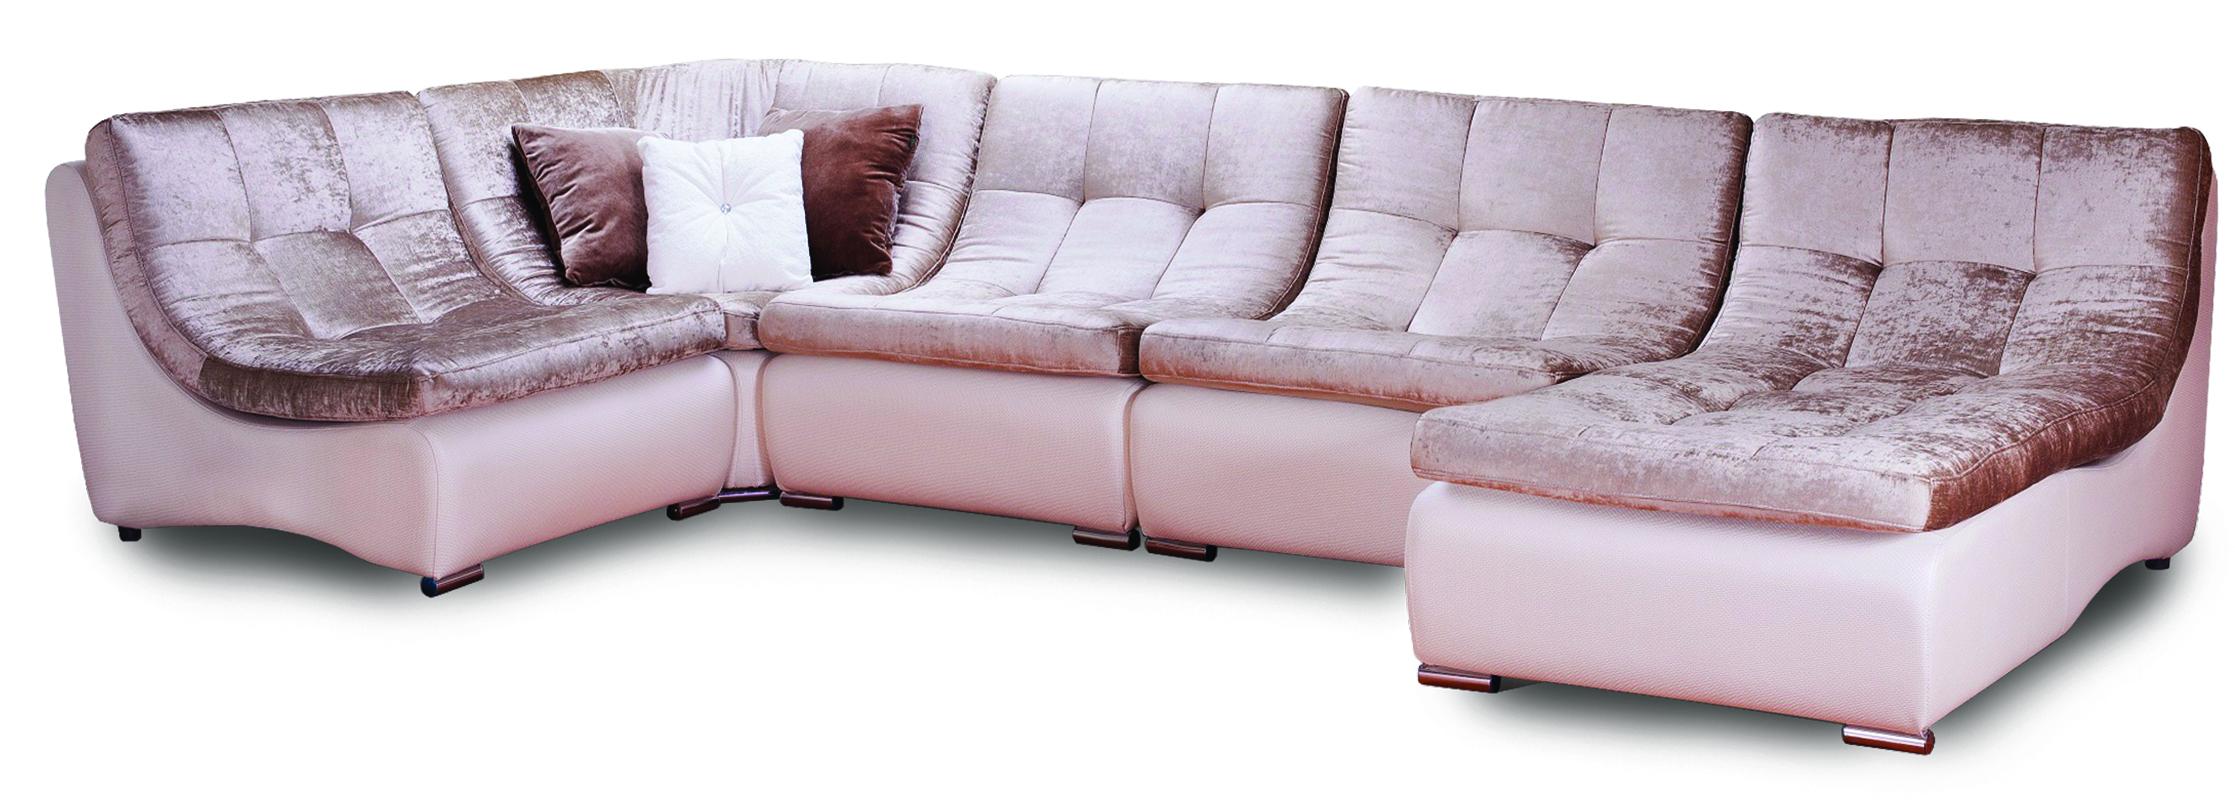 купить диван орландо в екатеринбурге и новосибирске